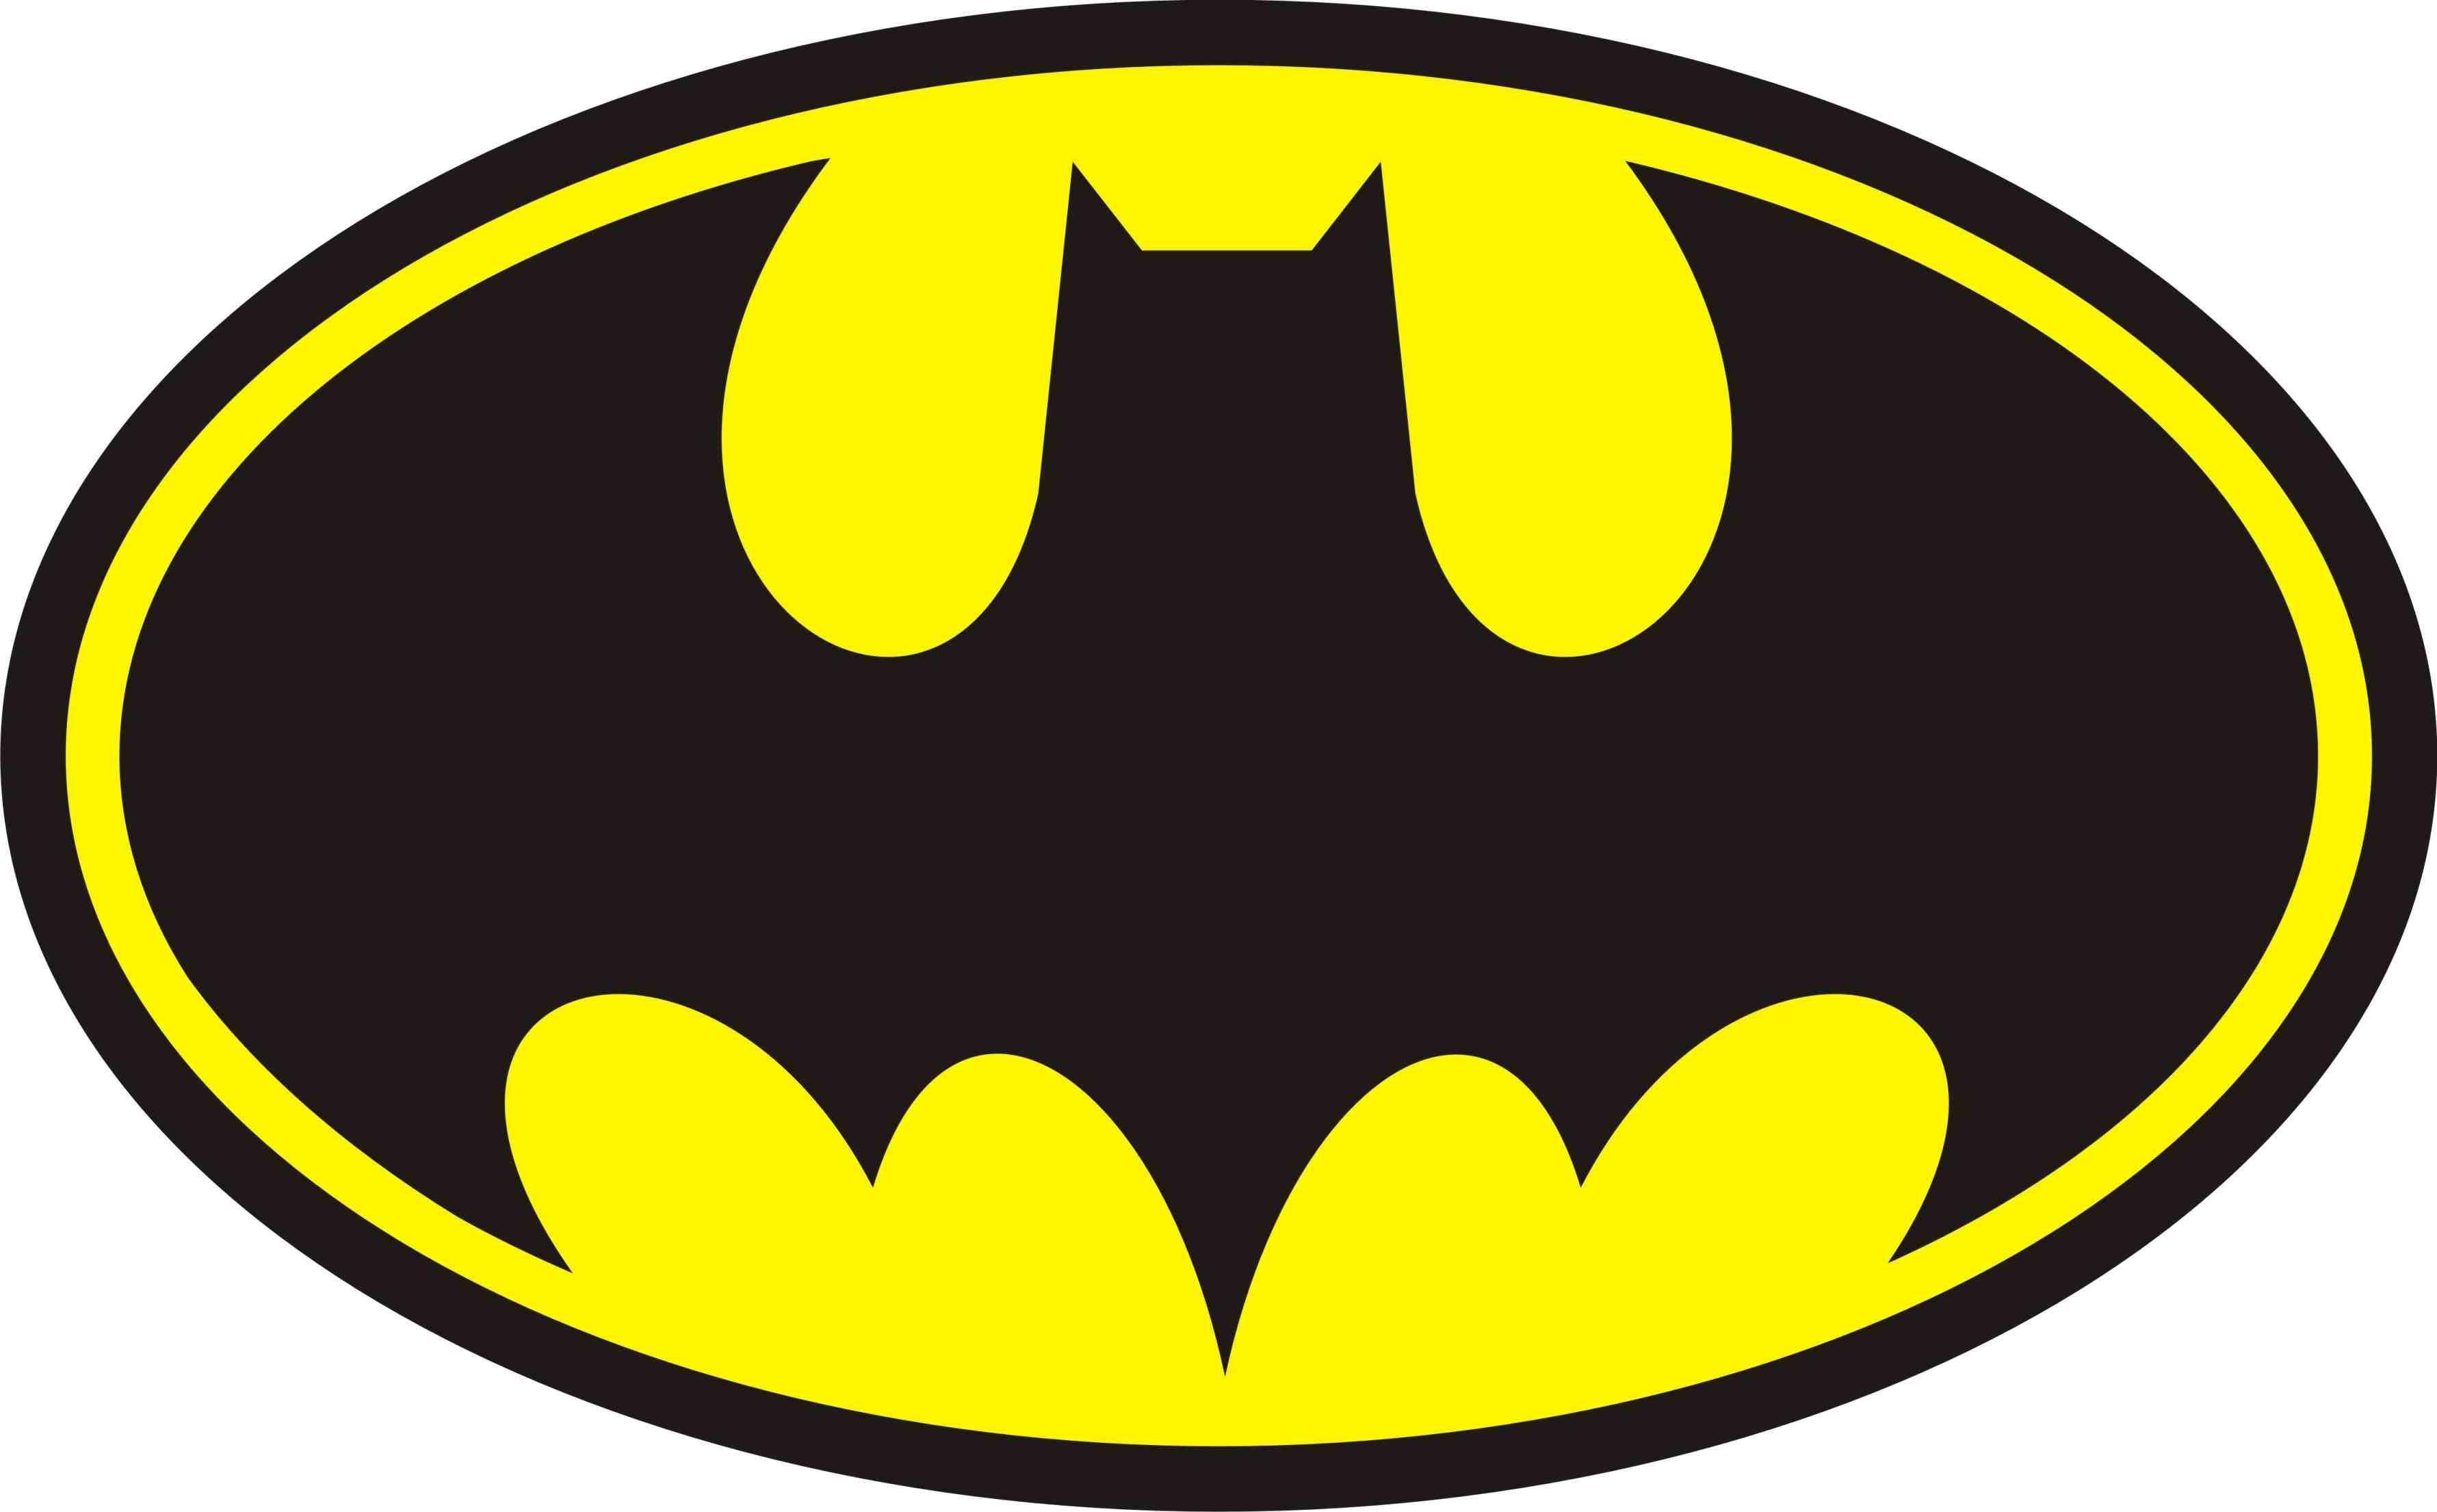 Batman lego clipart.